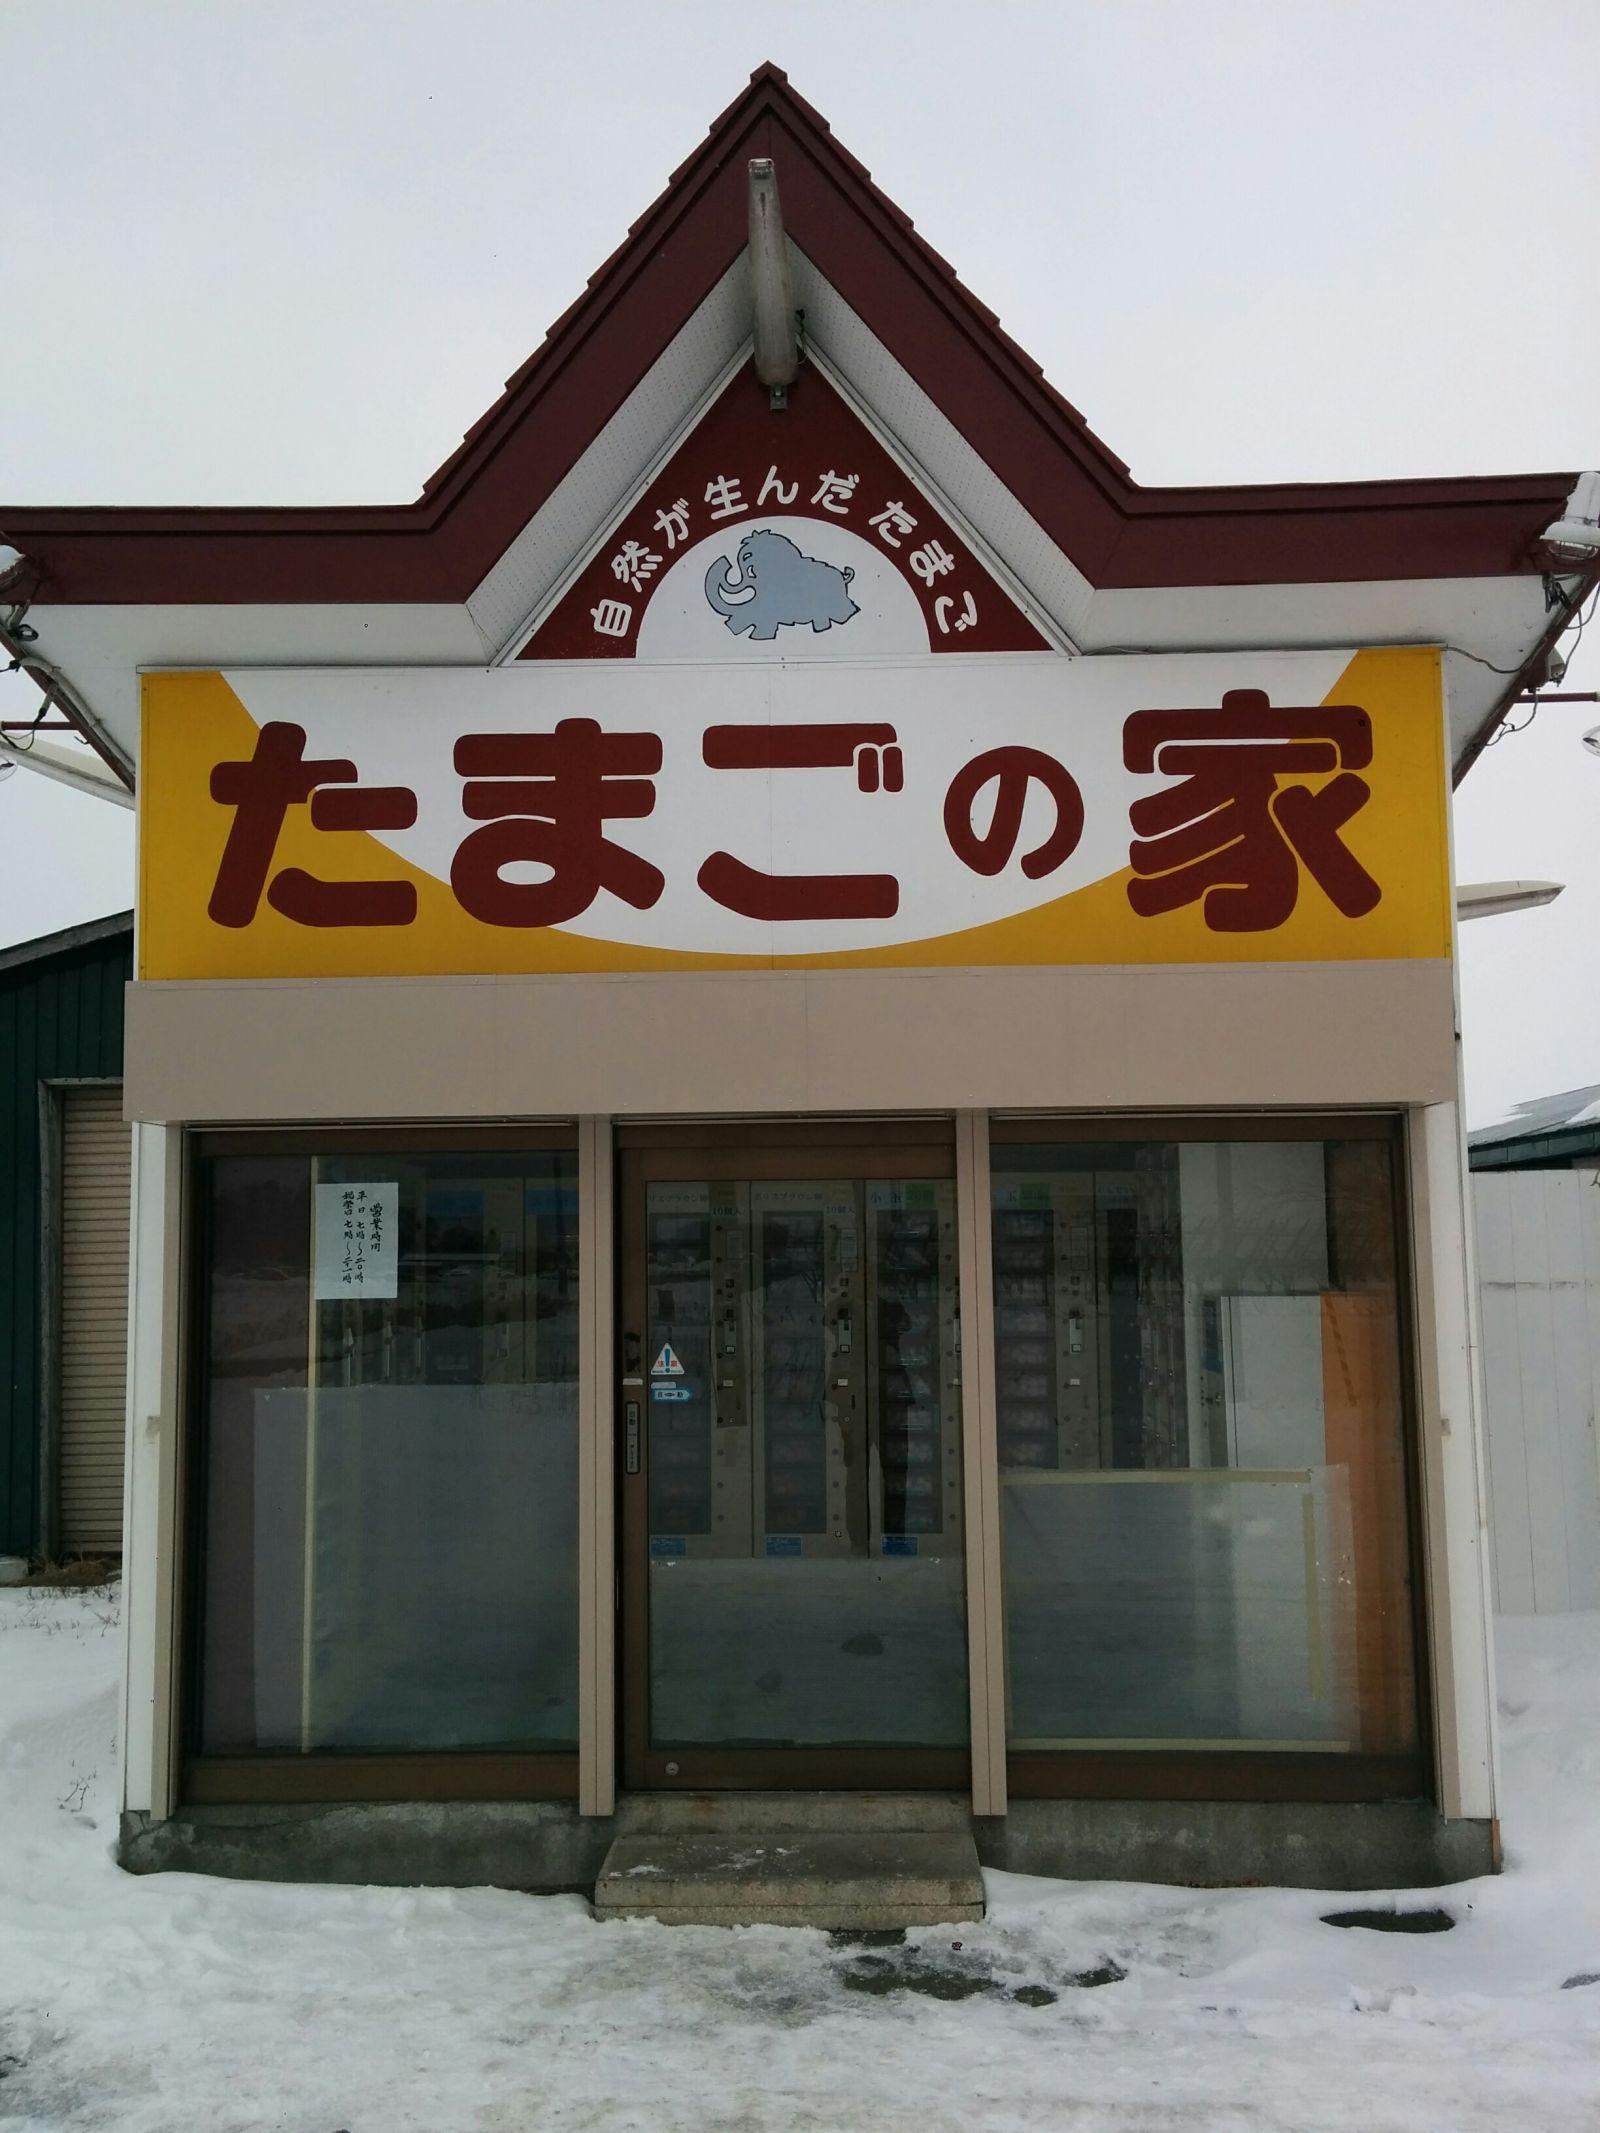 【由仁町】由仁町三川・自然卵のたまごの家観光タクシー